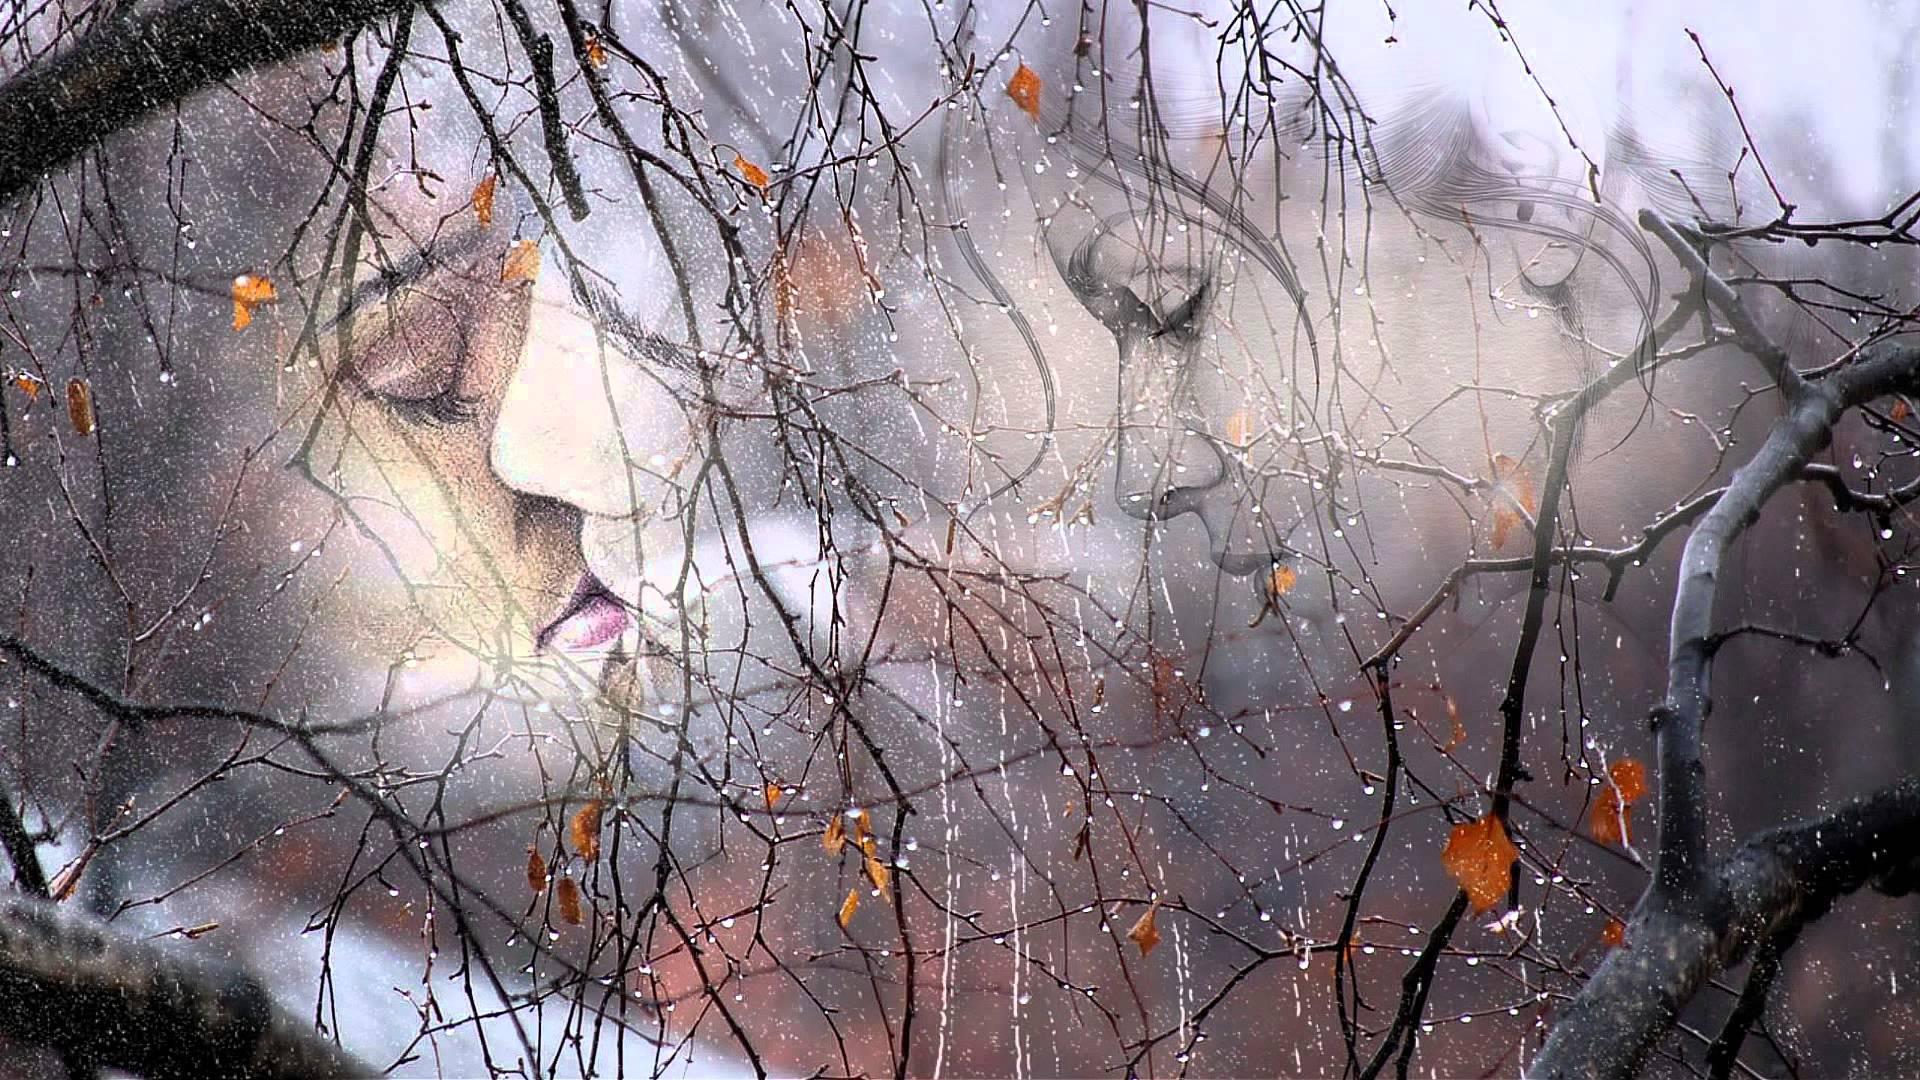 повысить осень грустная и теплая картинки растущий клеток миометрия